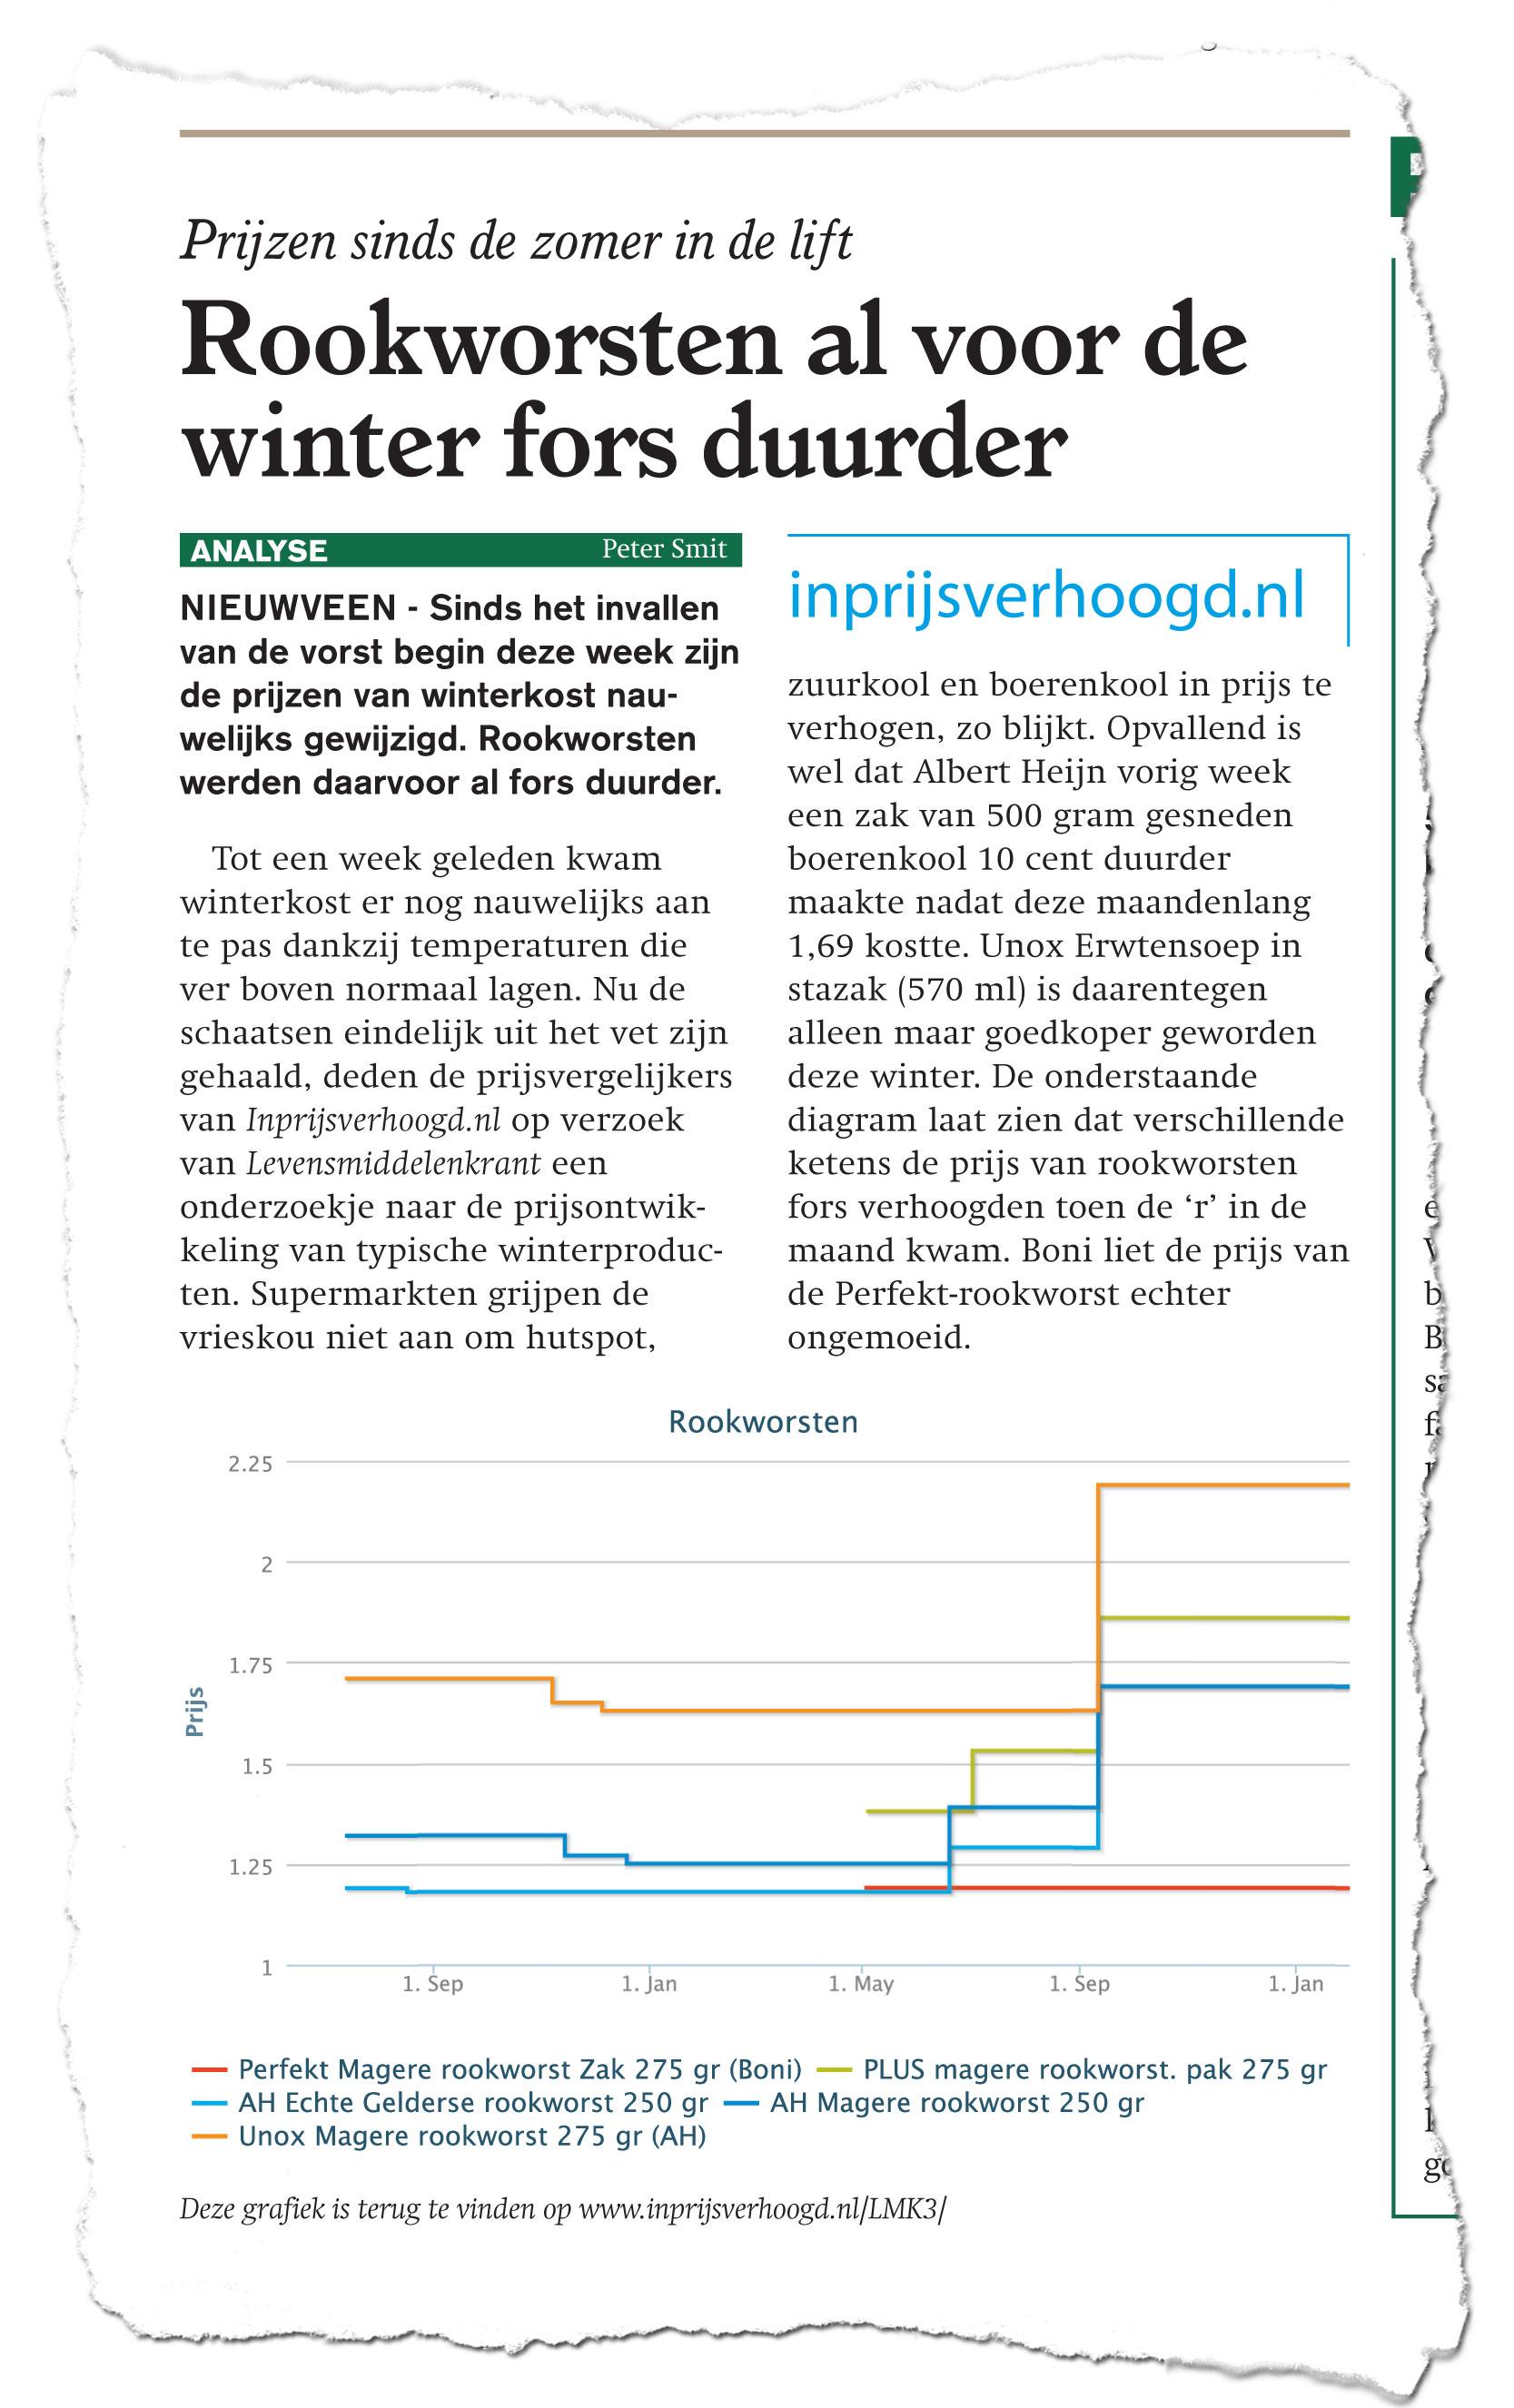 LevensmiddelenKrant week 5 pagina 8